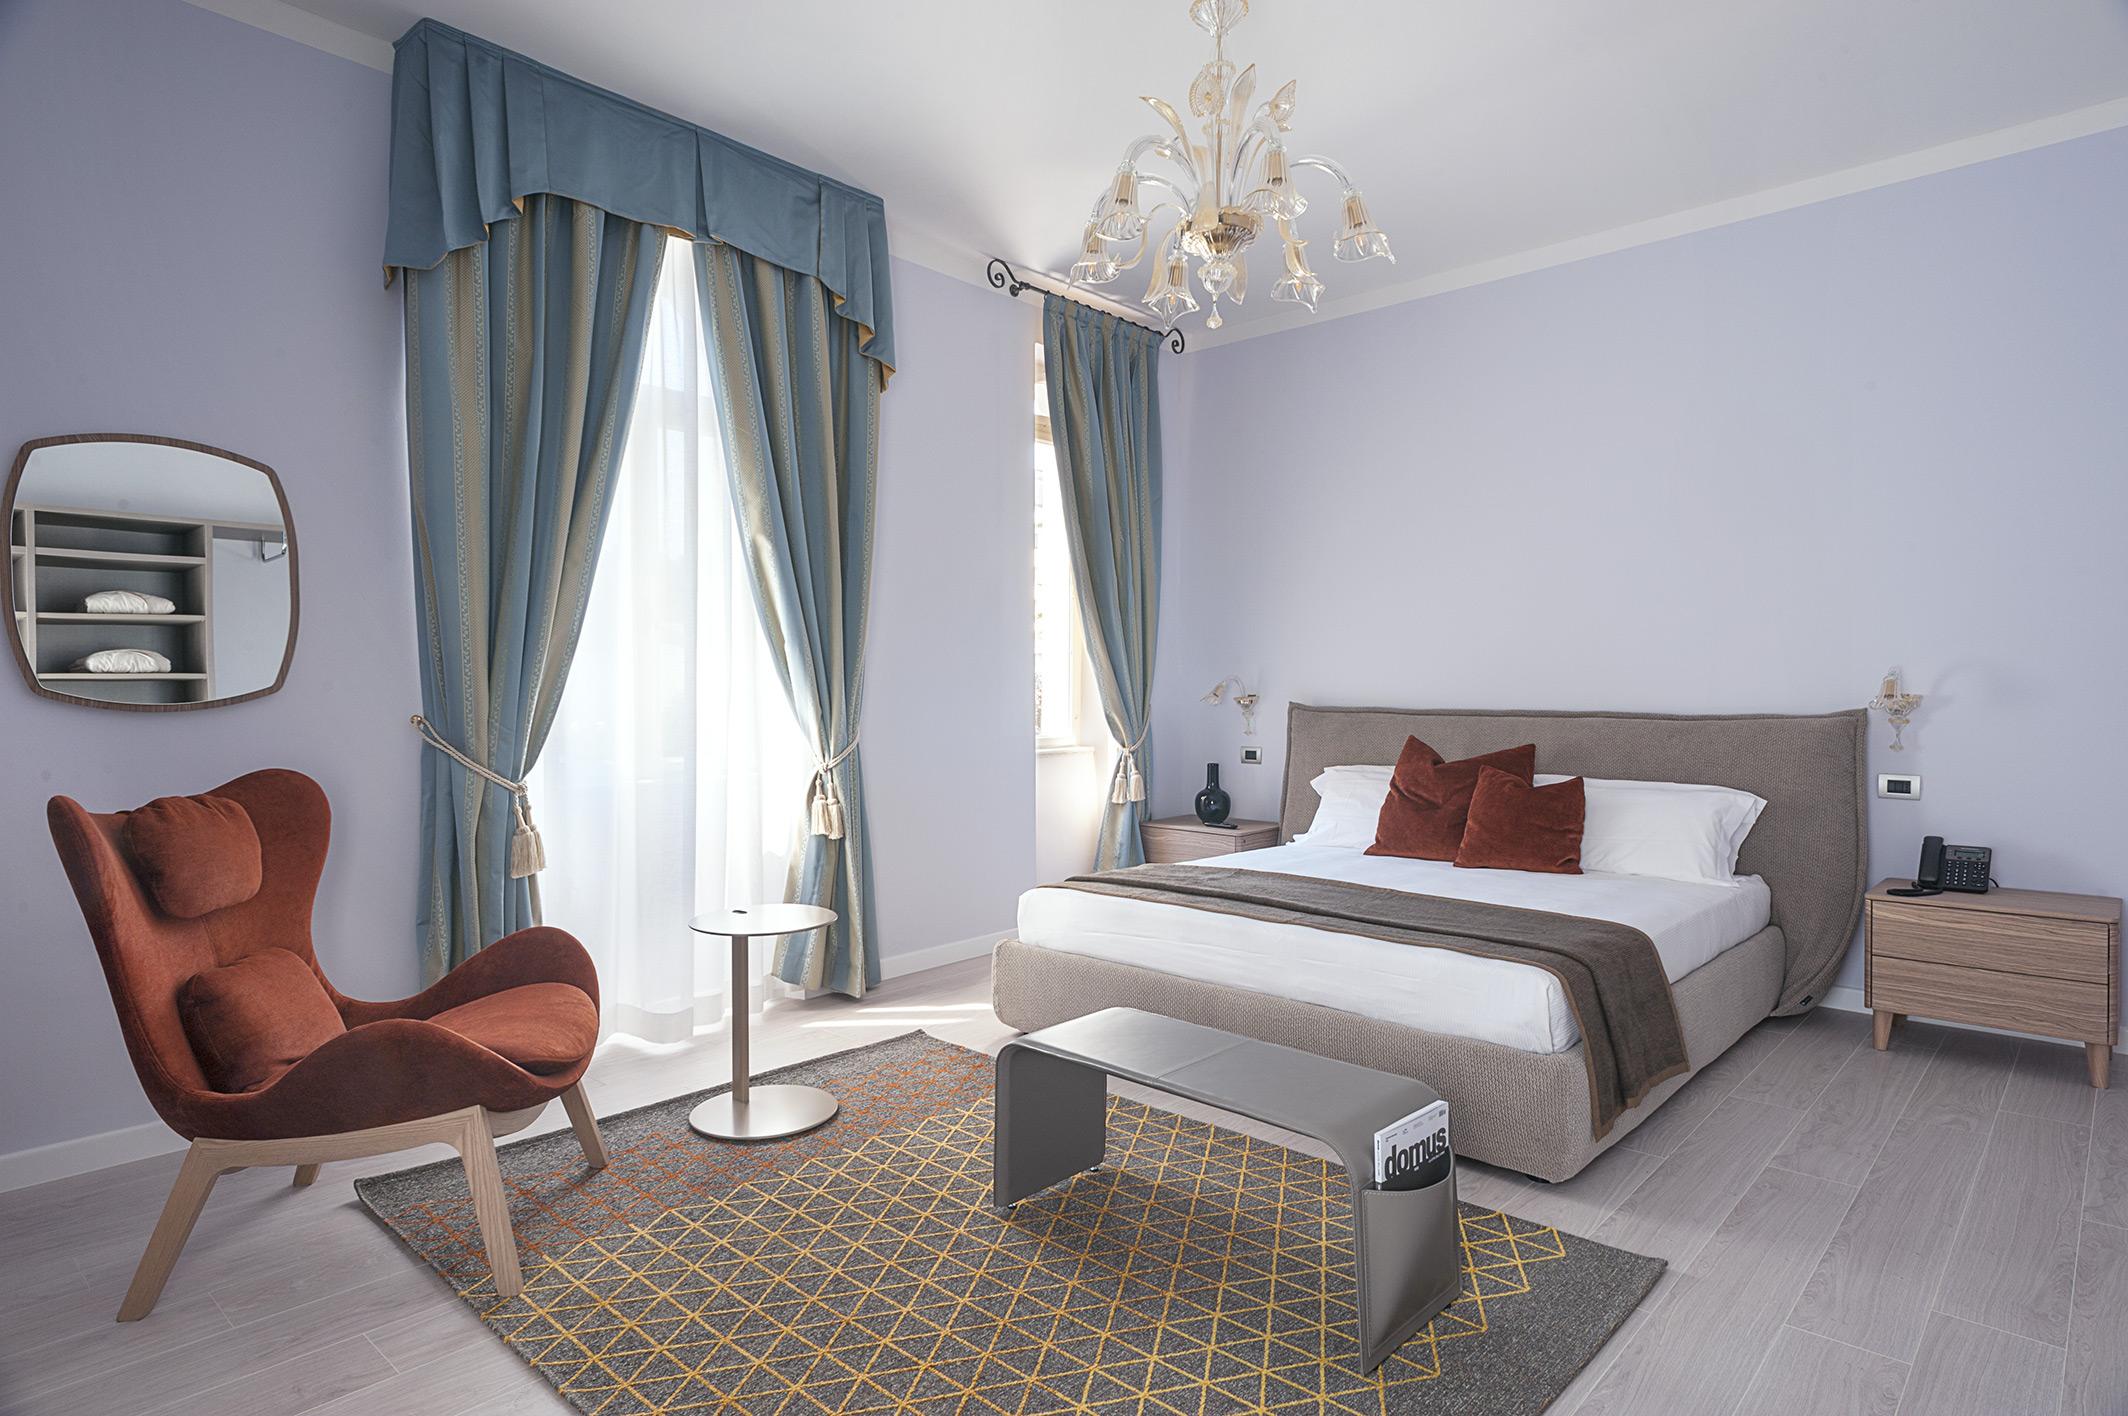 Hotel villa bernt grado for Tassa di soggiorno amsterdam